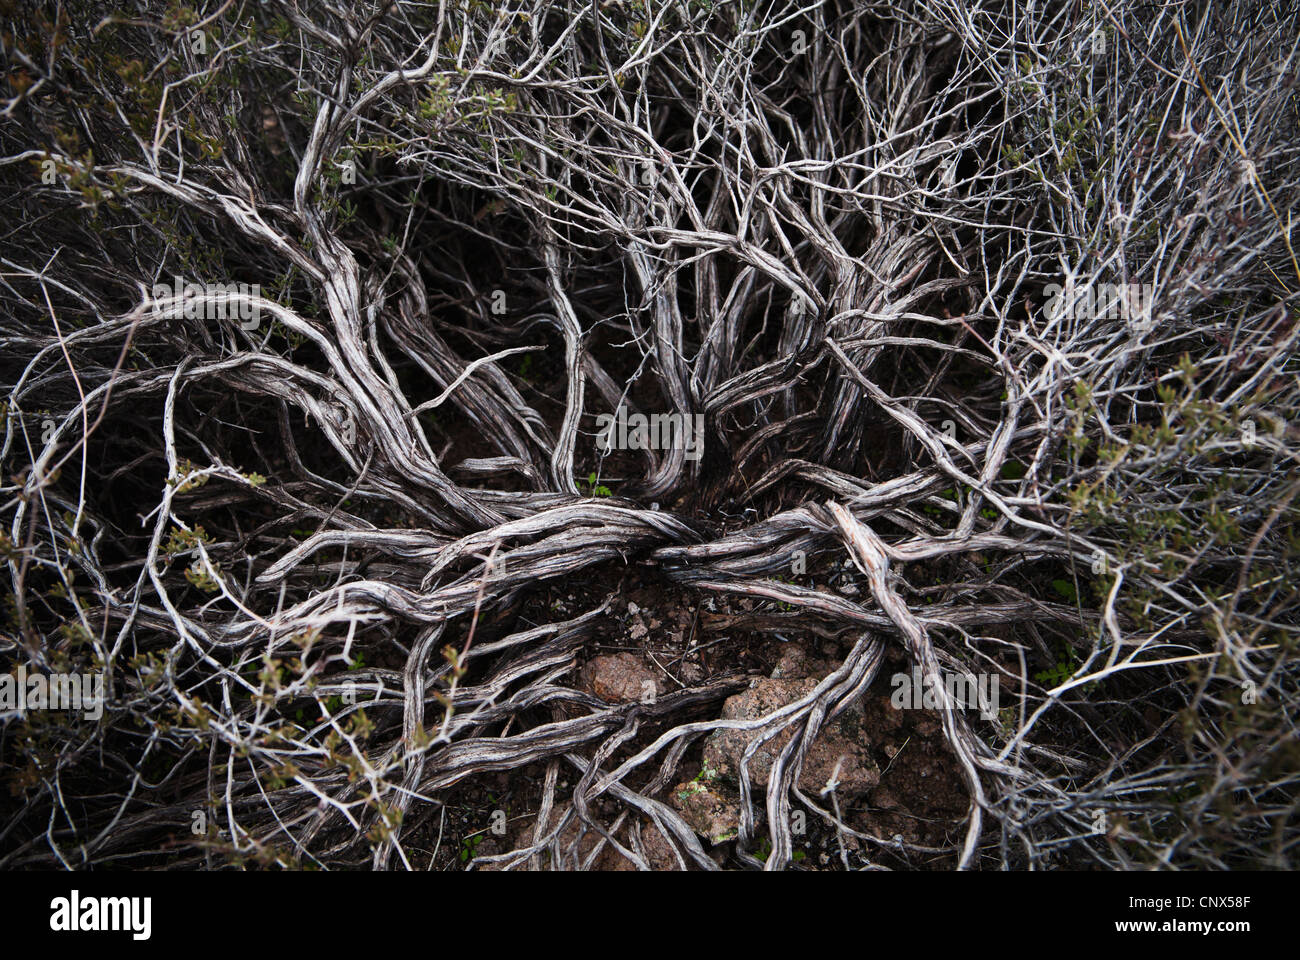 Nahaufnahme der Zweige der Wüste Strauch, Superstition Mountains, Arizona, USA. Stockfoto